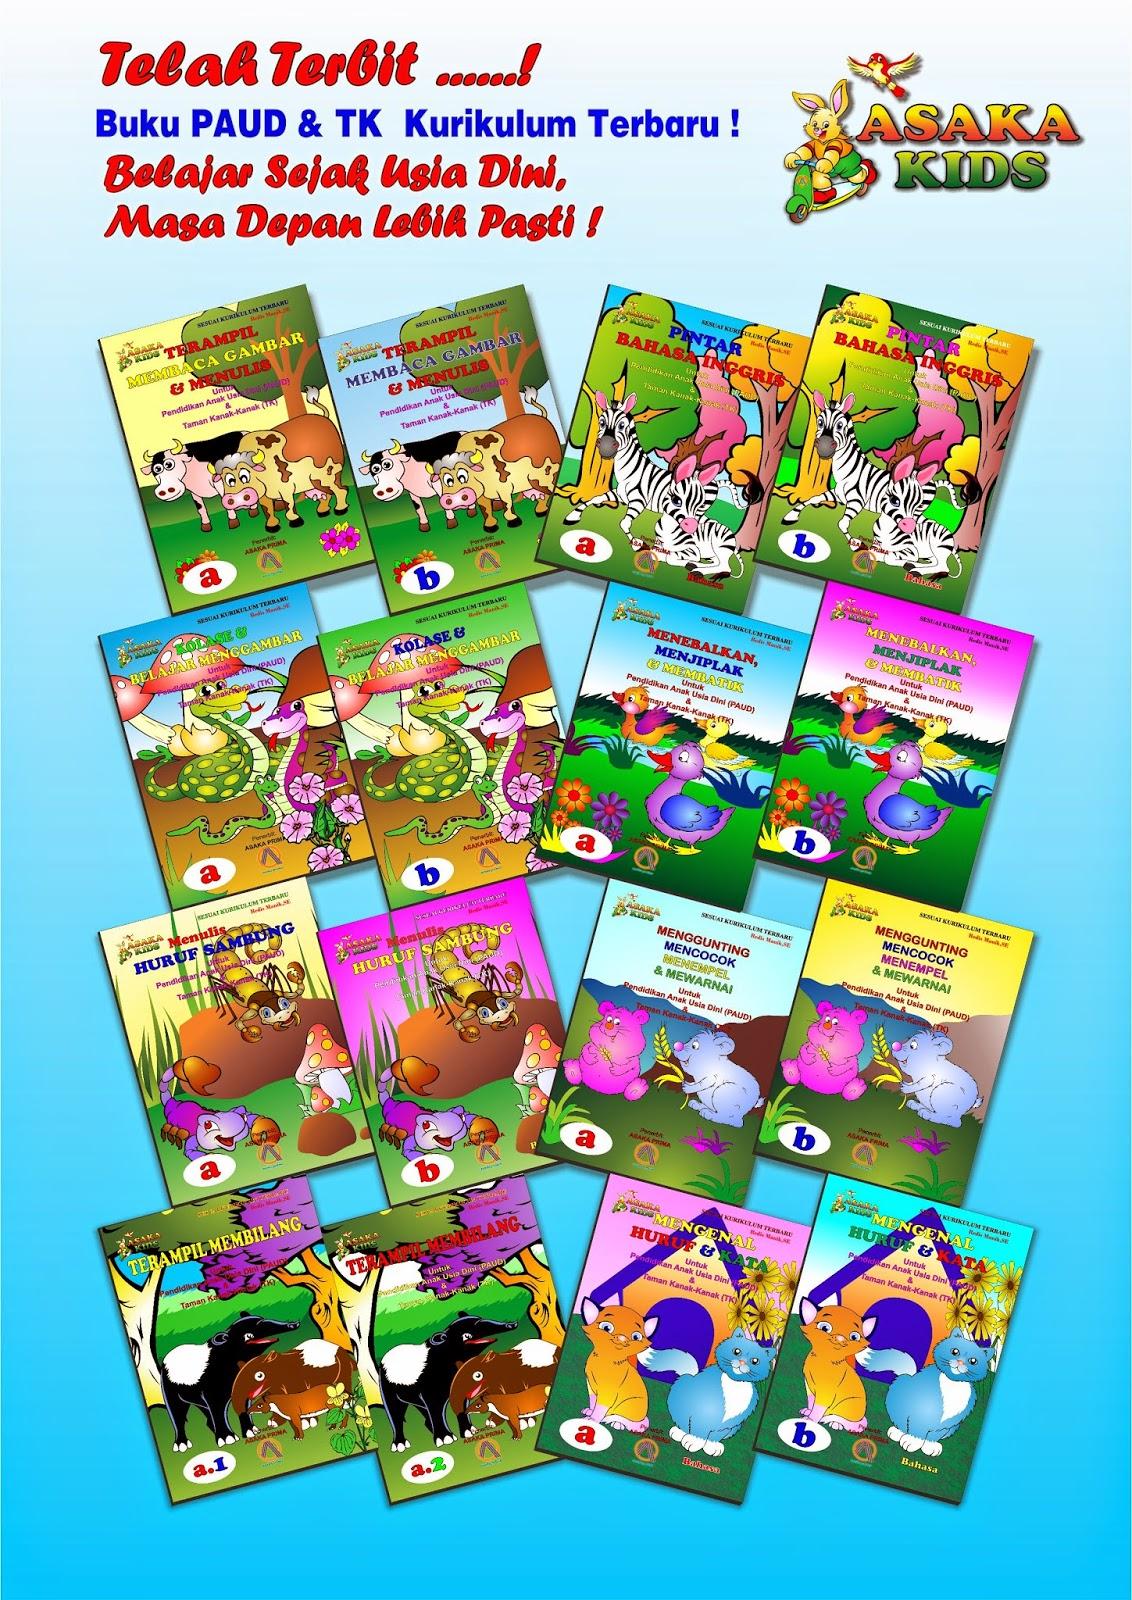 BUKU TK dan PAUD,Beli Buku TK Paud,Buku Tk Dan Paud,Buku TK / PAUD,Buku TK,Daftar Harga Buku TK,Buku TK Paud Toko Online ,Majalah PAUD,BukU PAud,MAjalaH Play Group,buku Tk,BUKU,BUKU TK, Buku PAUD|TK|APE|Mainan Edukatif,buku taman kanak-kanak,Buku buku tk,tkdanpaud,Katalog Buku PAUD dan TK,BUKU PAUD & TK,Buku Pintar Paud,Buku PAUD - Buku PAUD - Jual Buku PAUD,MAJALAH PAUD,MAJALAH TK,JUAL BUKU PAUD,JUAL BUKU TK